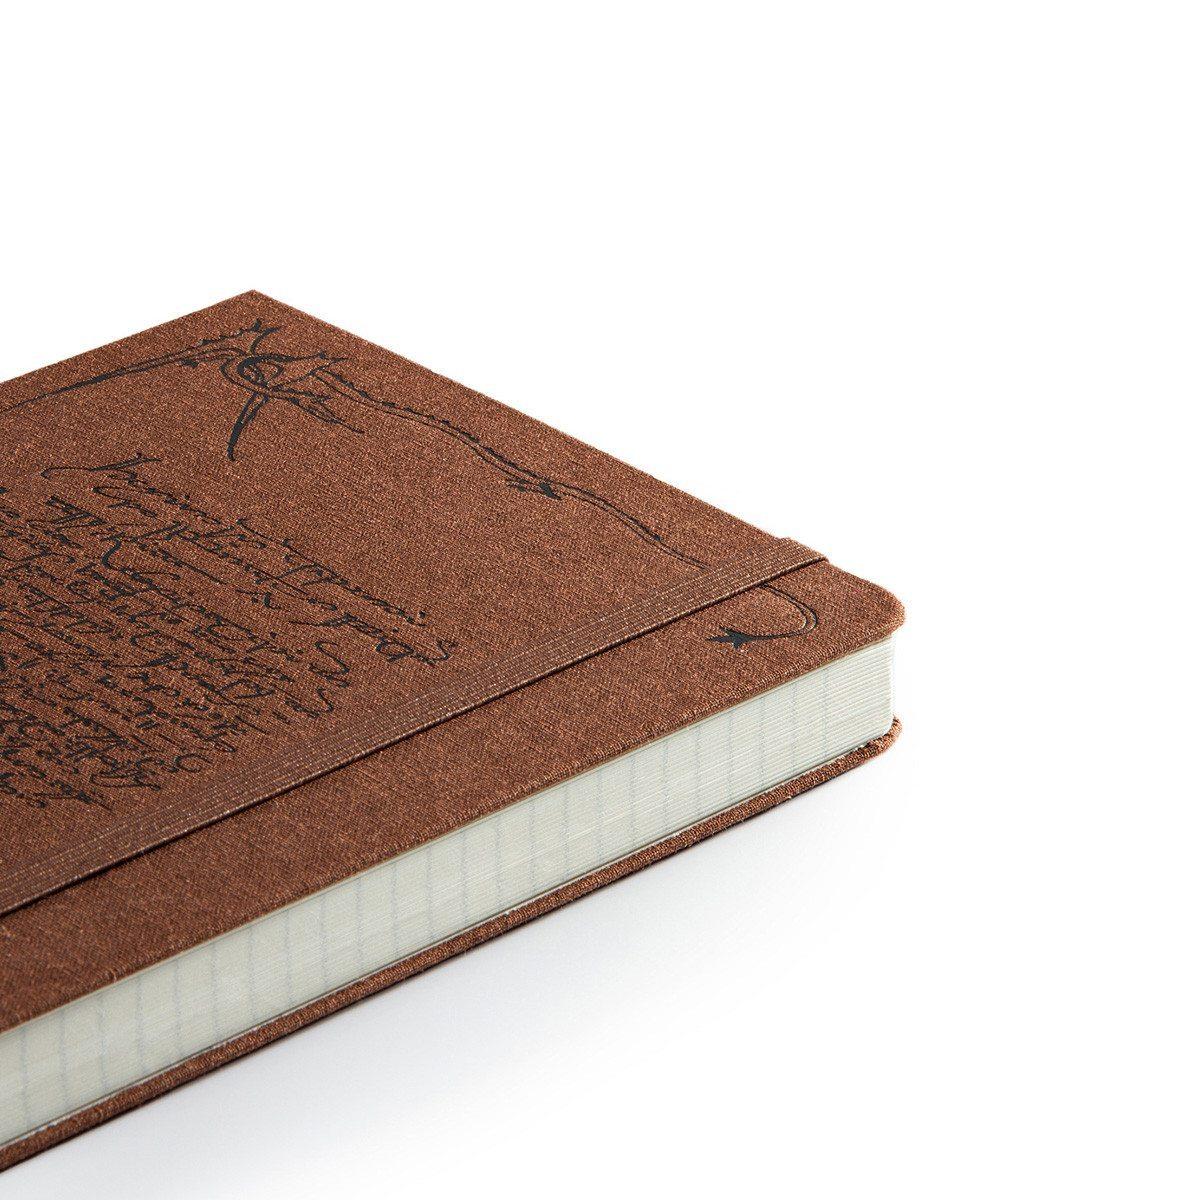 Der Hobbit - Notizbuch mit Illustrationen